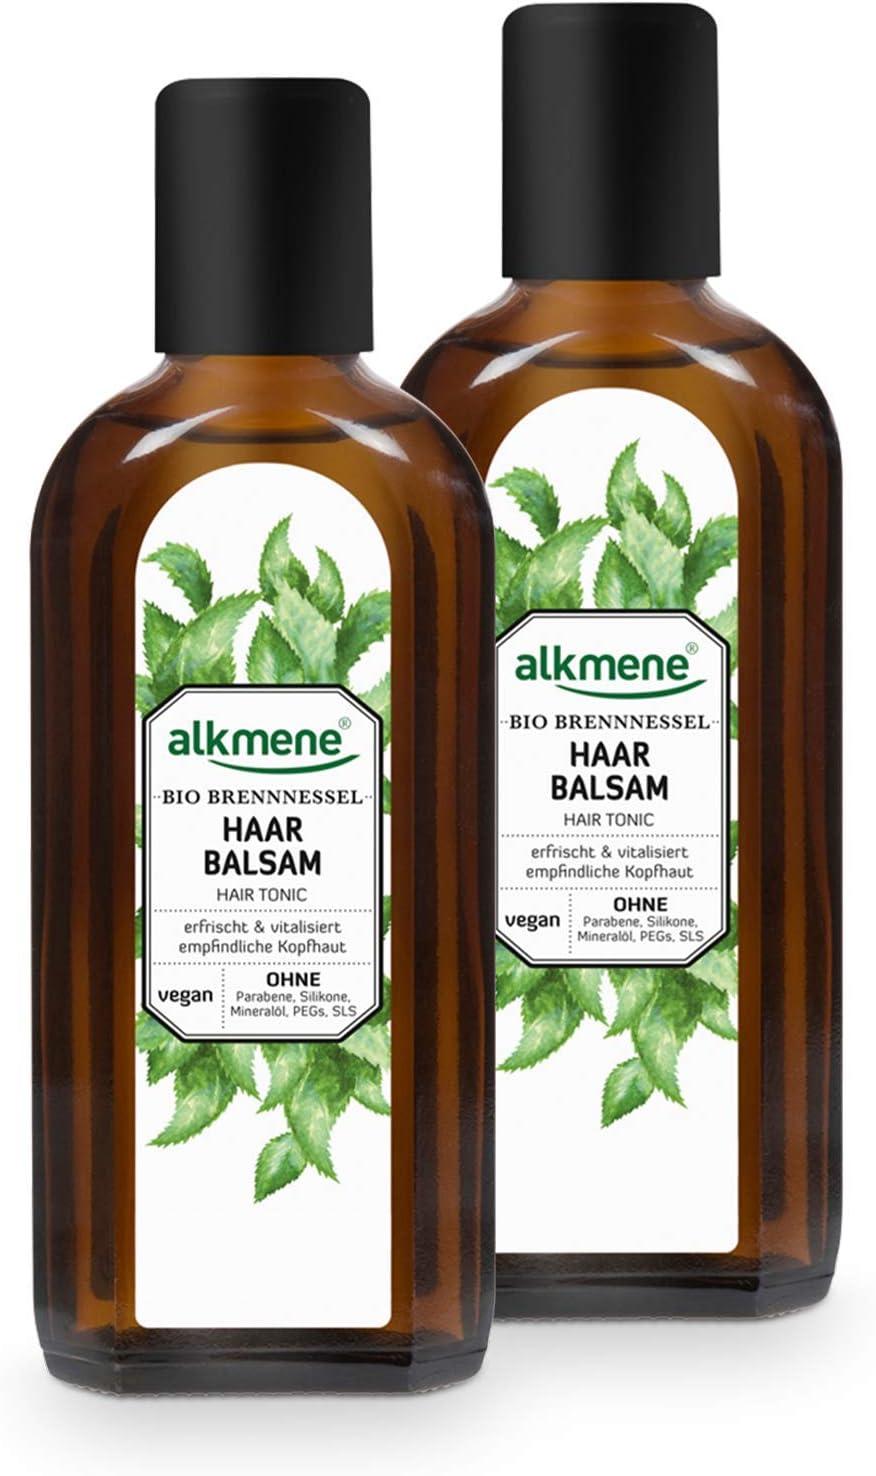 alkmene bálsamo capilar con ortiga orgánica - tónico capilar con provitamina B5 para el cuero cabelludo sensible y el cabello fino - cuidado capilar ...